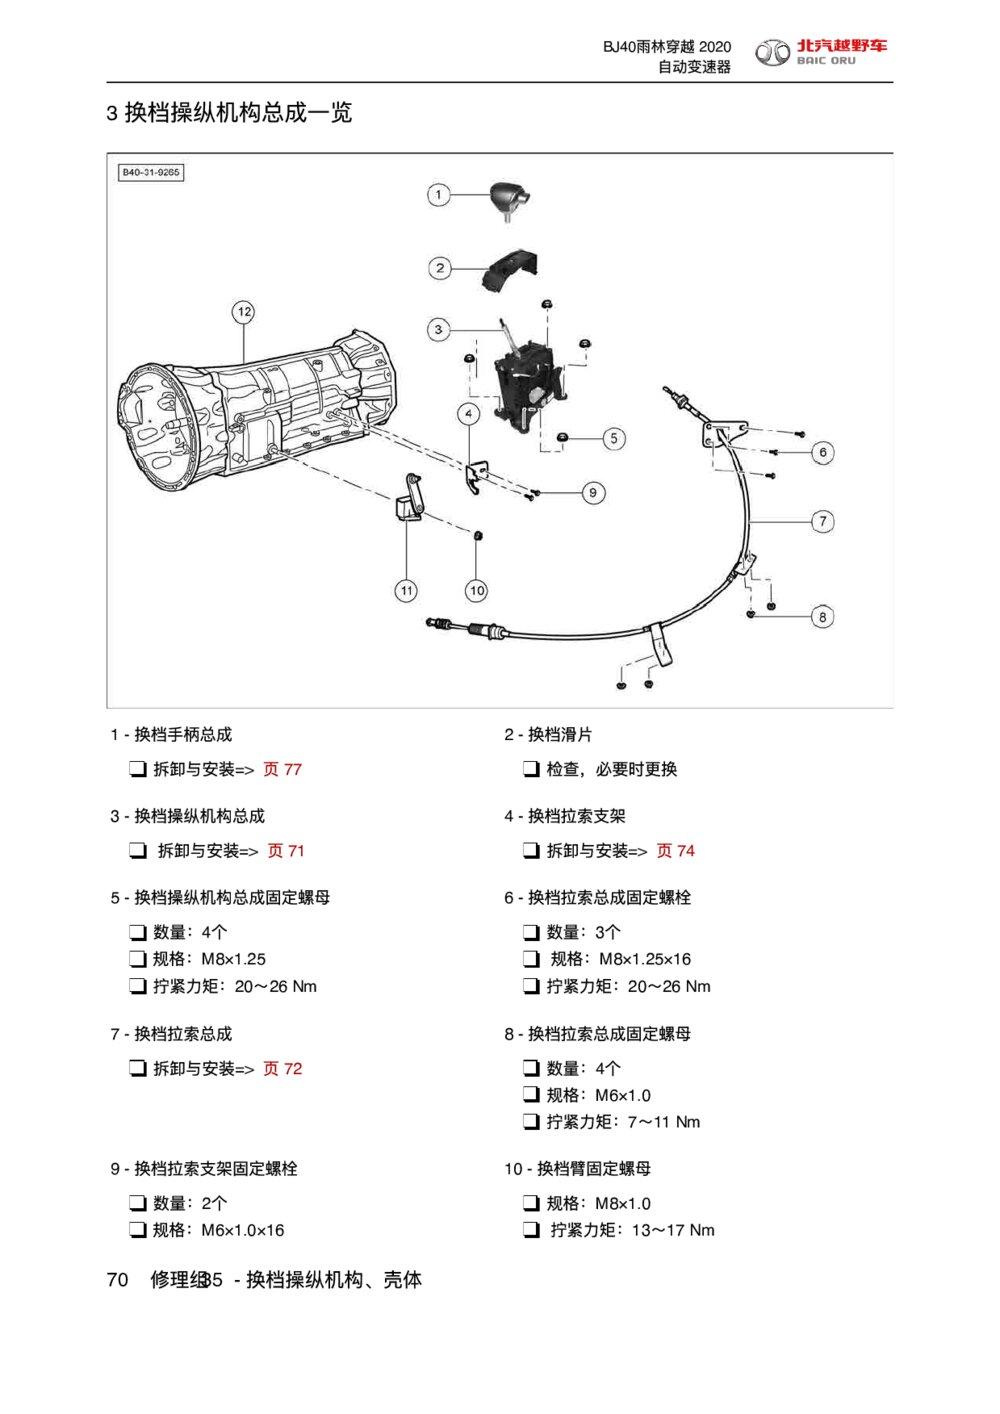 2020款北京BJ40雨林穿越版换档操纵机构总成一览